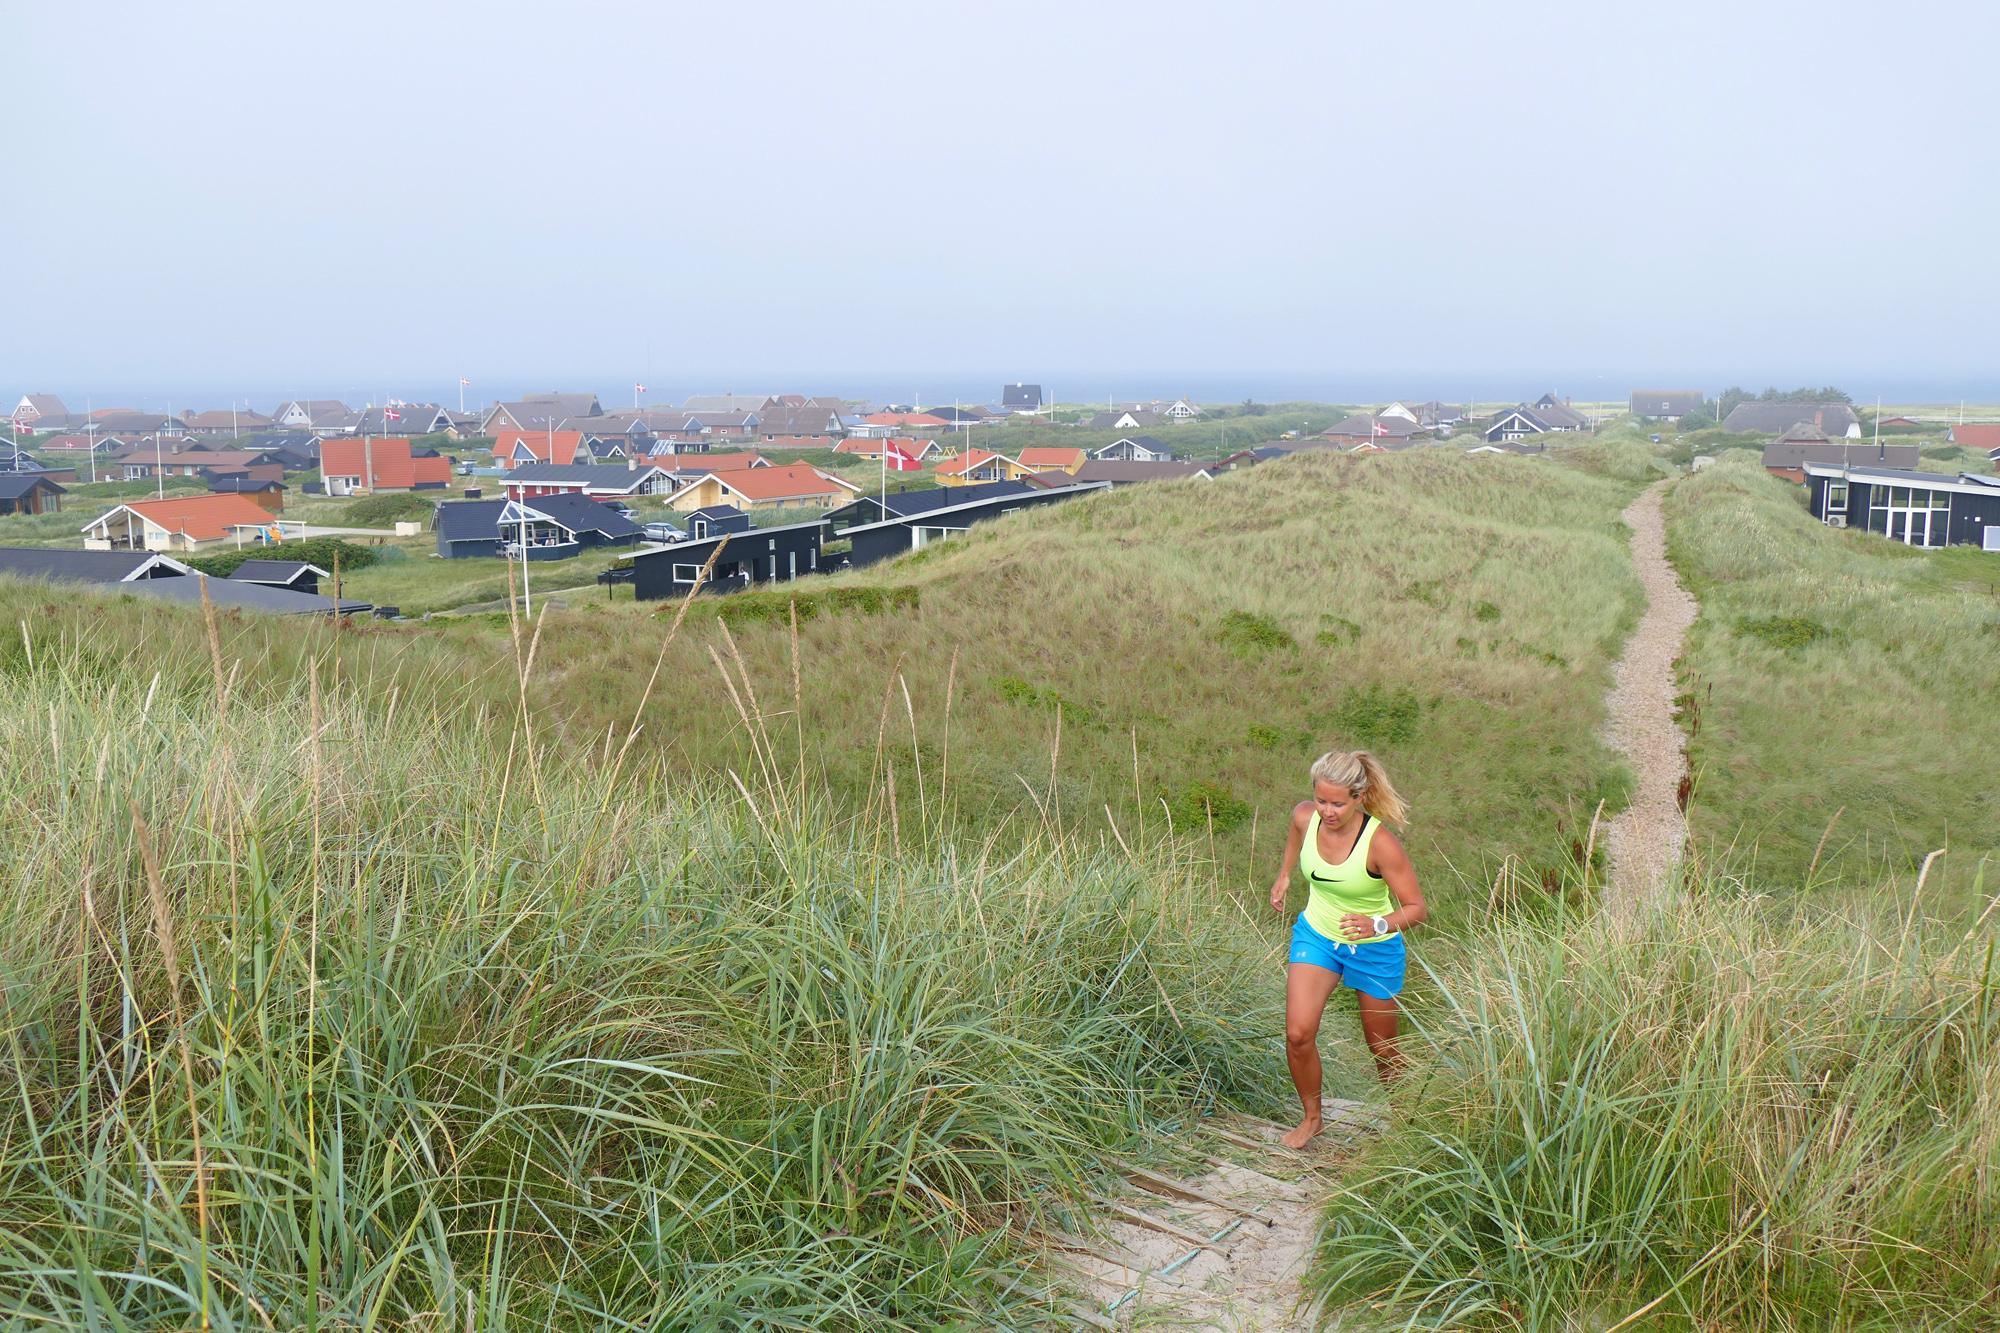 danmark 11 löpning